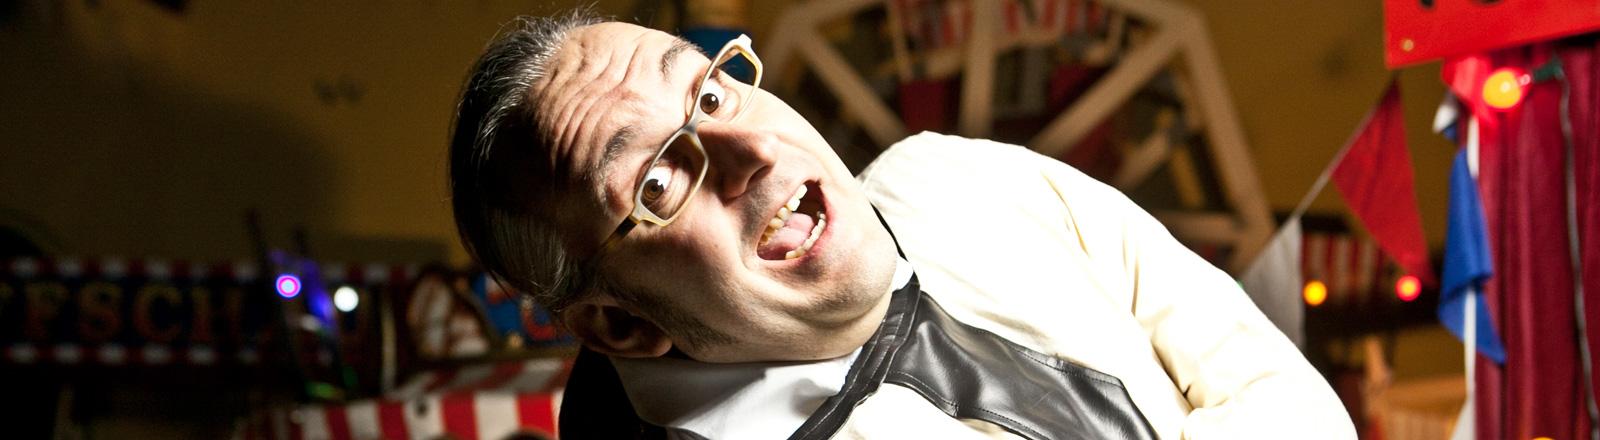 Marco Assmann trägt eine Brille und schaut mit offenem Mund und aufgerissenen Augen in die Kamera.